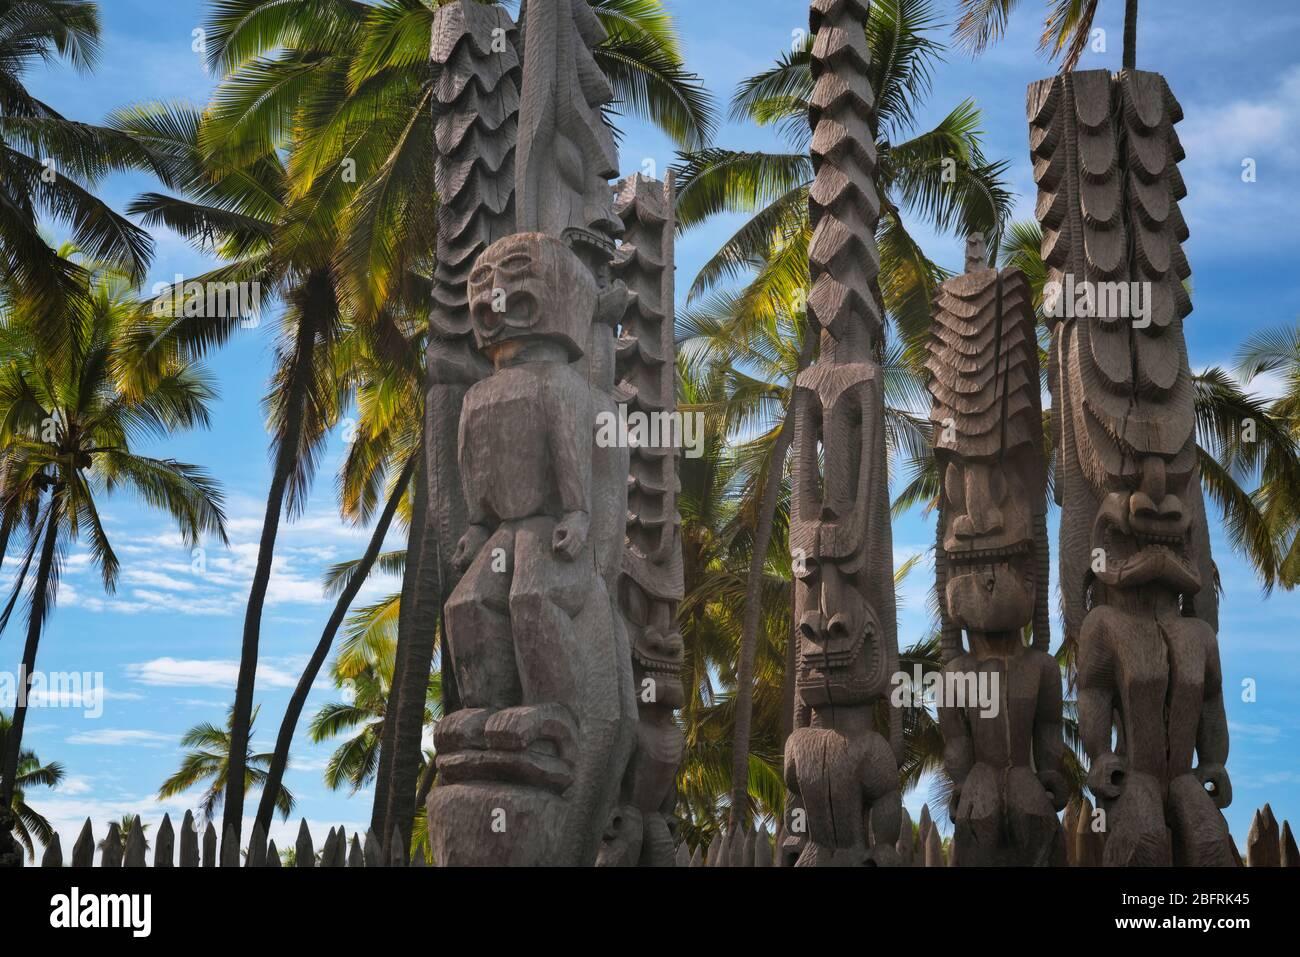 Les statues Fierce Ki'i sont garantes de la baie d'Honaunau, sur la place du parc historique national Refuge sur la Grande île d'Hawaï. Banque D'Images